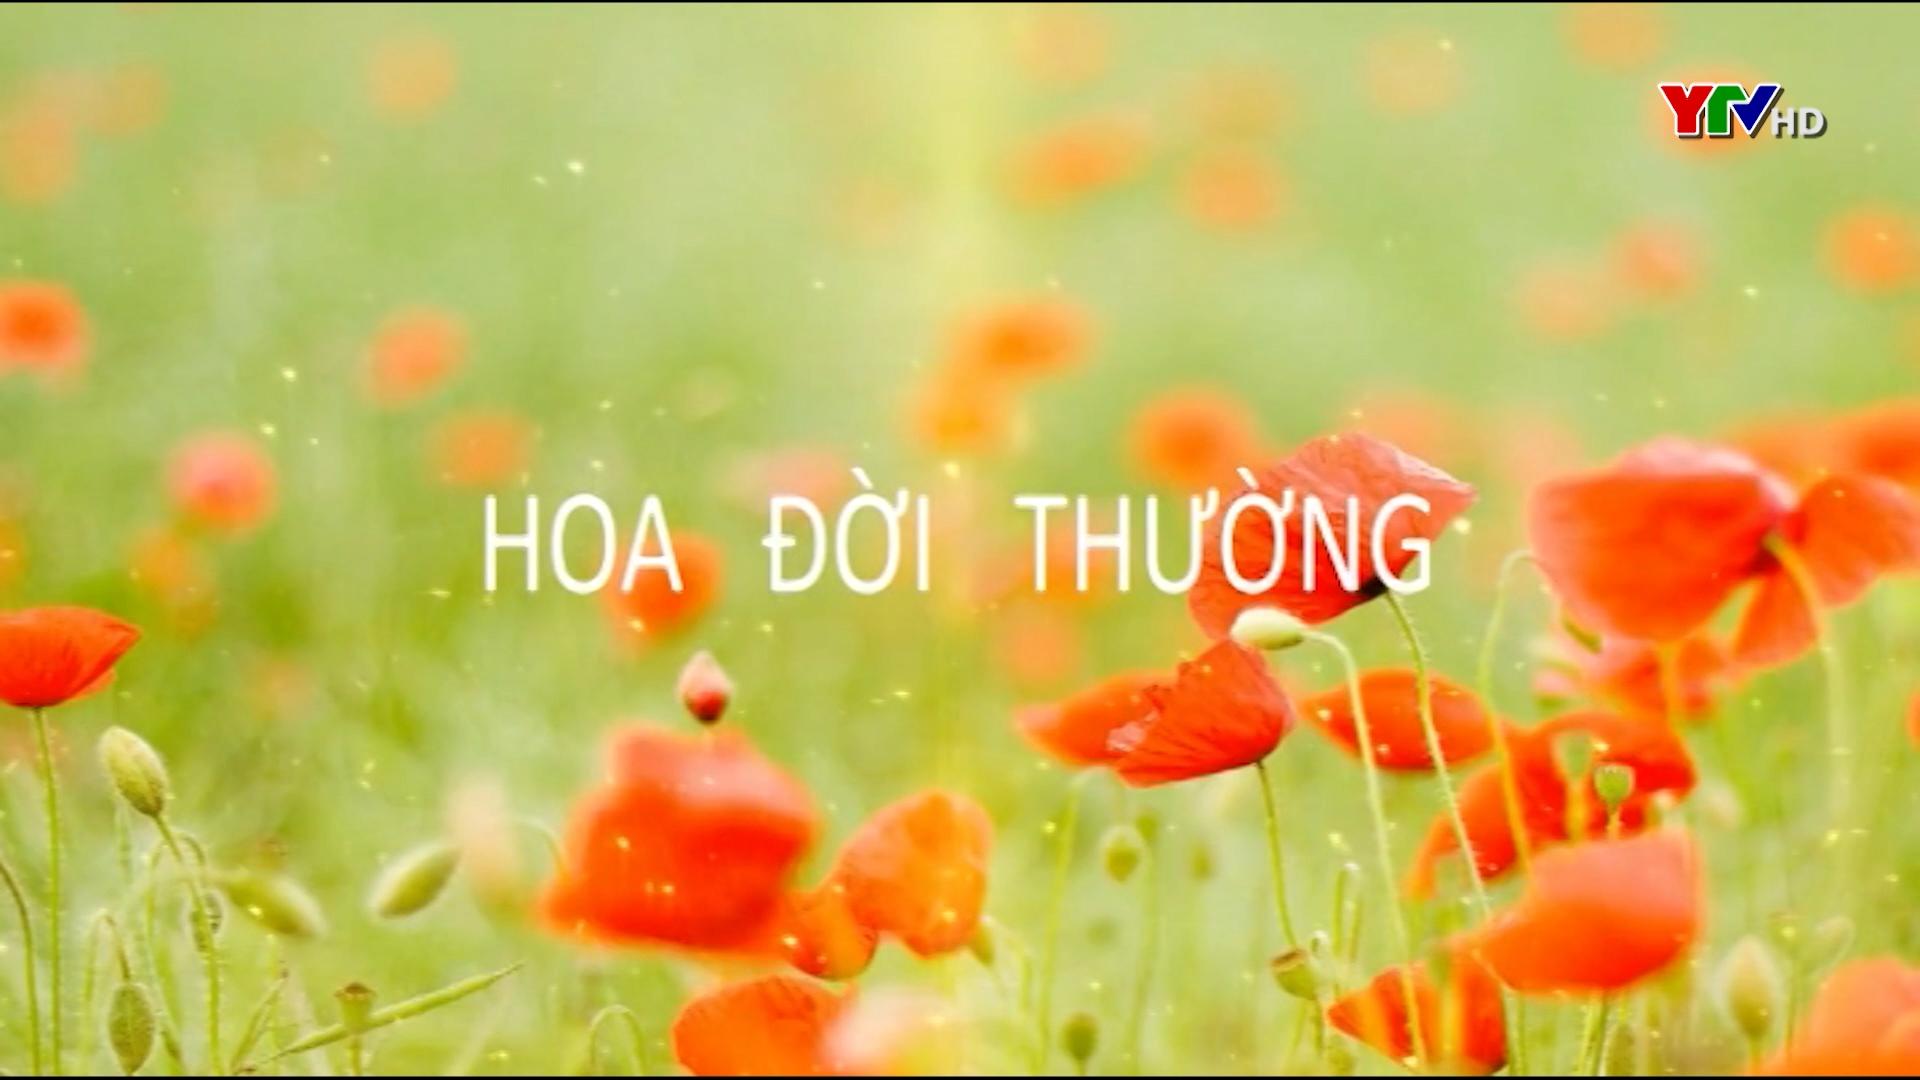 Giảng viên Nguyễn Thu Hương - Người truyền cảm hứng cho sinh viên